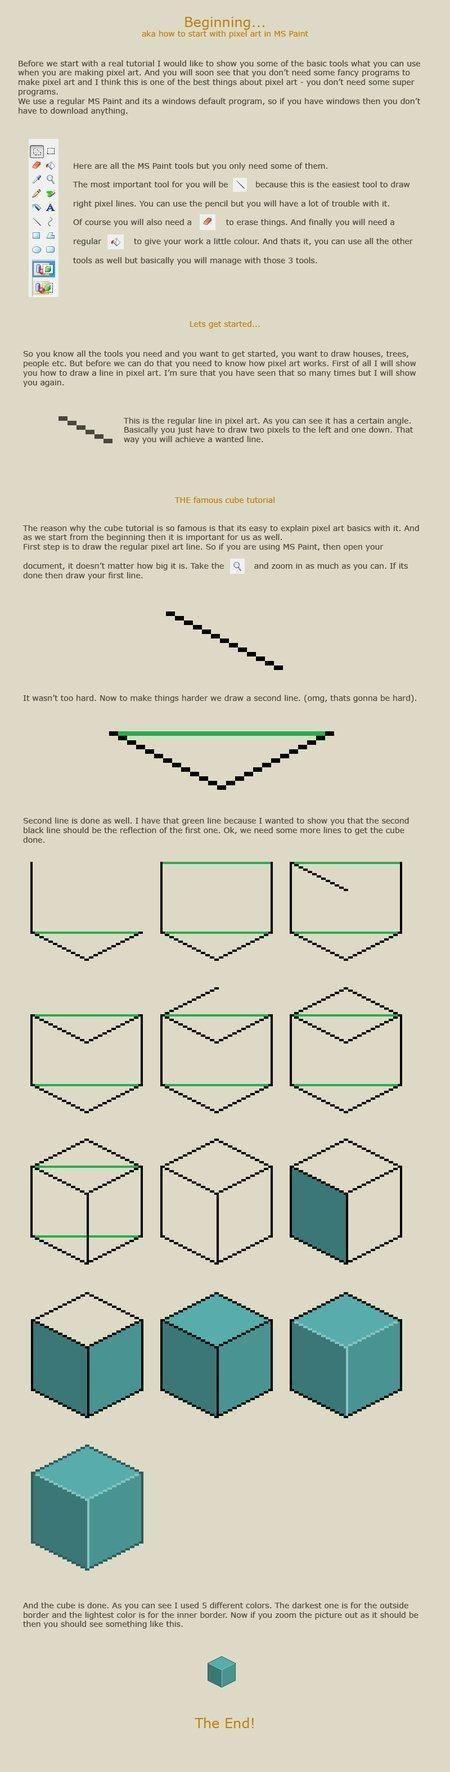 Drawn pixel art shoe Beginners Tutorials about 27 Art